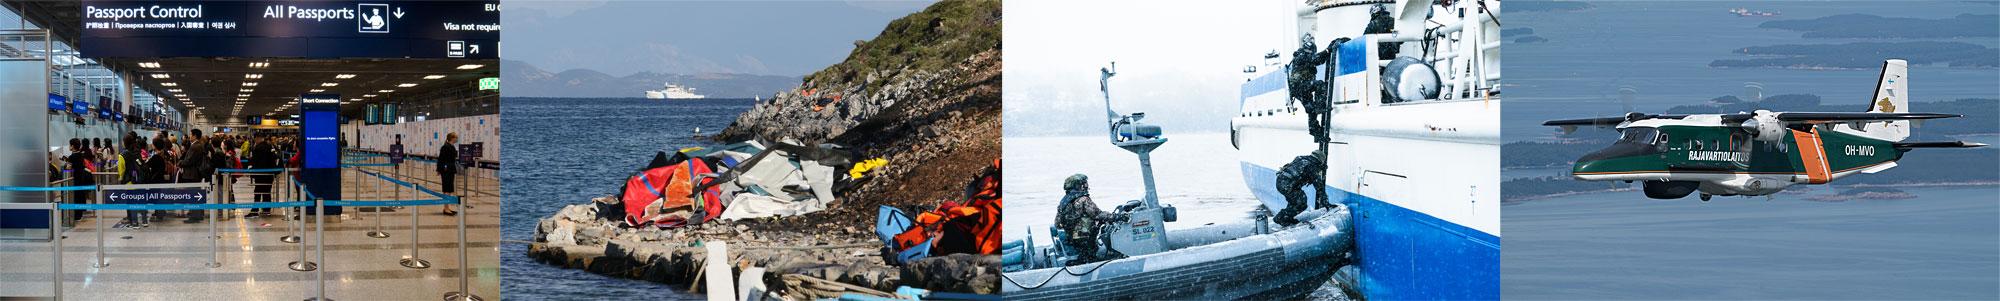 Schengen-järjestelmän toimivuus vaatii tehokkaan rajavalvonnan EU:n ulkorajoilla. Laittoman maahantulon estämisen lisäksi Rajavartiolaitoksella on valmius torjua turvallisuusuhkia ulkorajoilla ja johtaa meripelastuksen ja merellisten ympäristöonnettomuuksien tehtäviä. Kuvat: Rajavartiolaitos